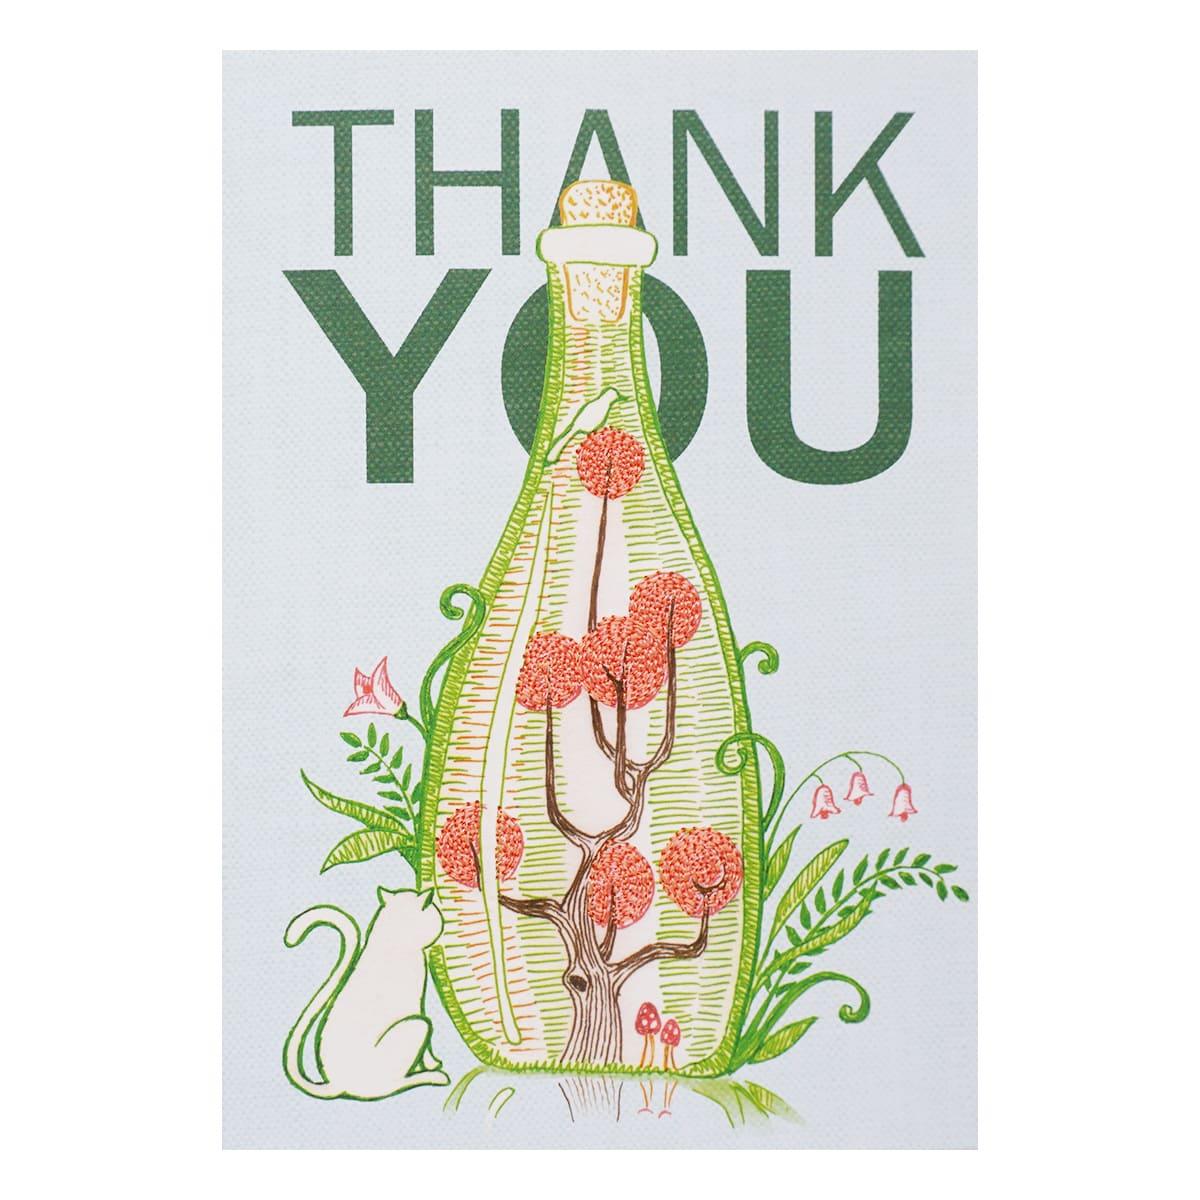 MWA01 Поздравительная открытка с вышивкой 'Thank You', 12*17 см.(конверт в комплекте)